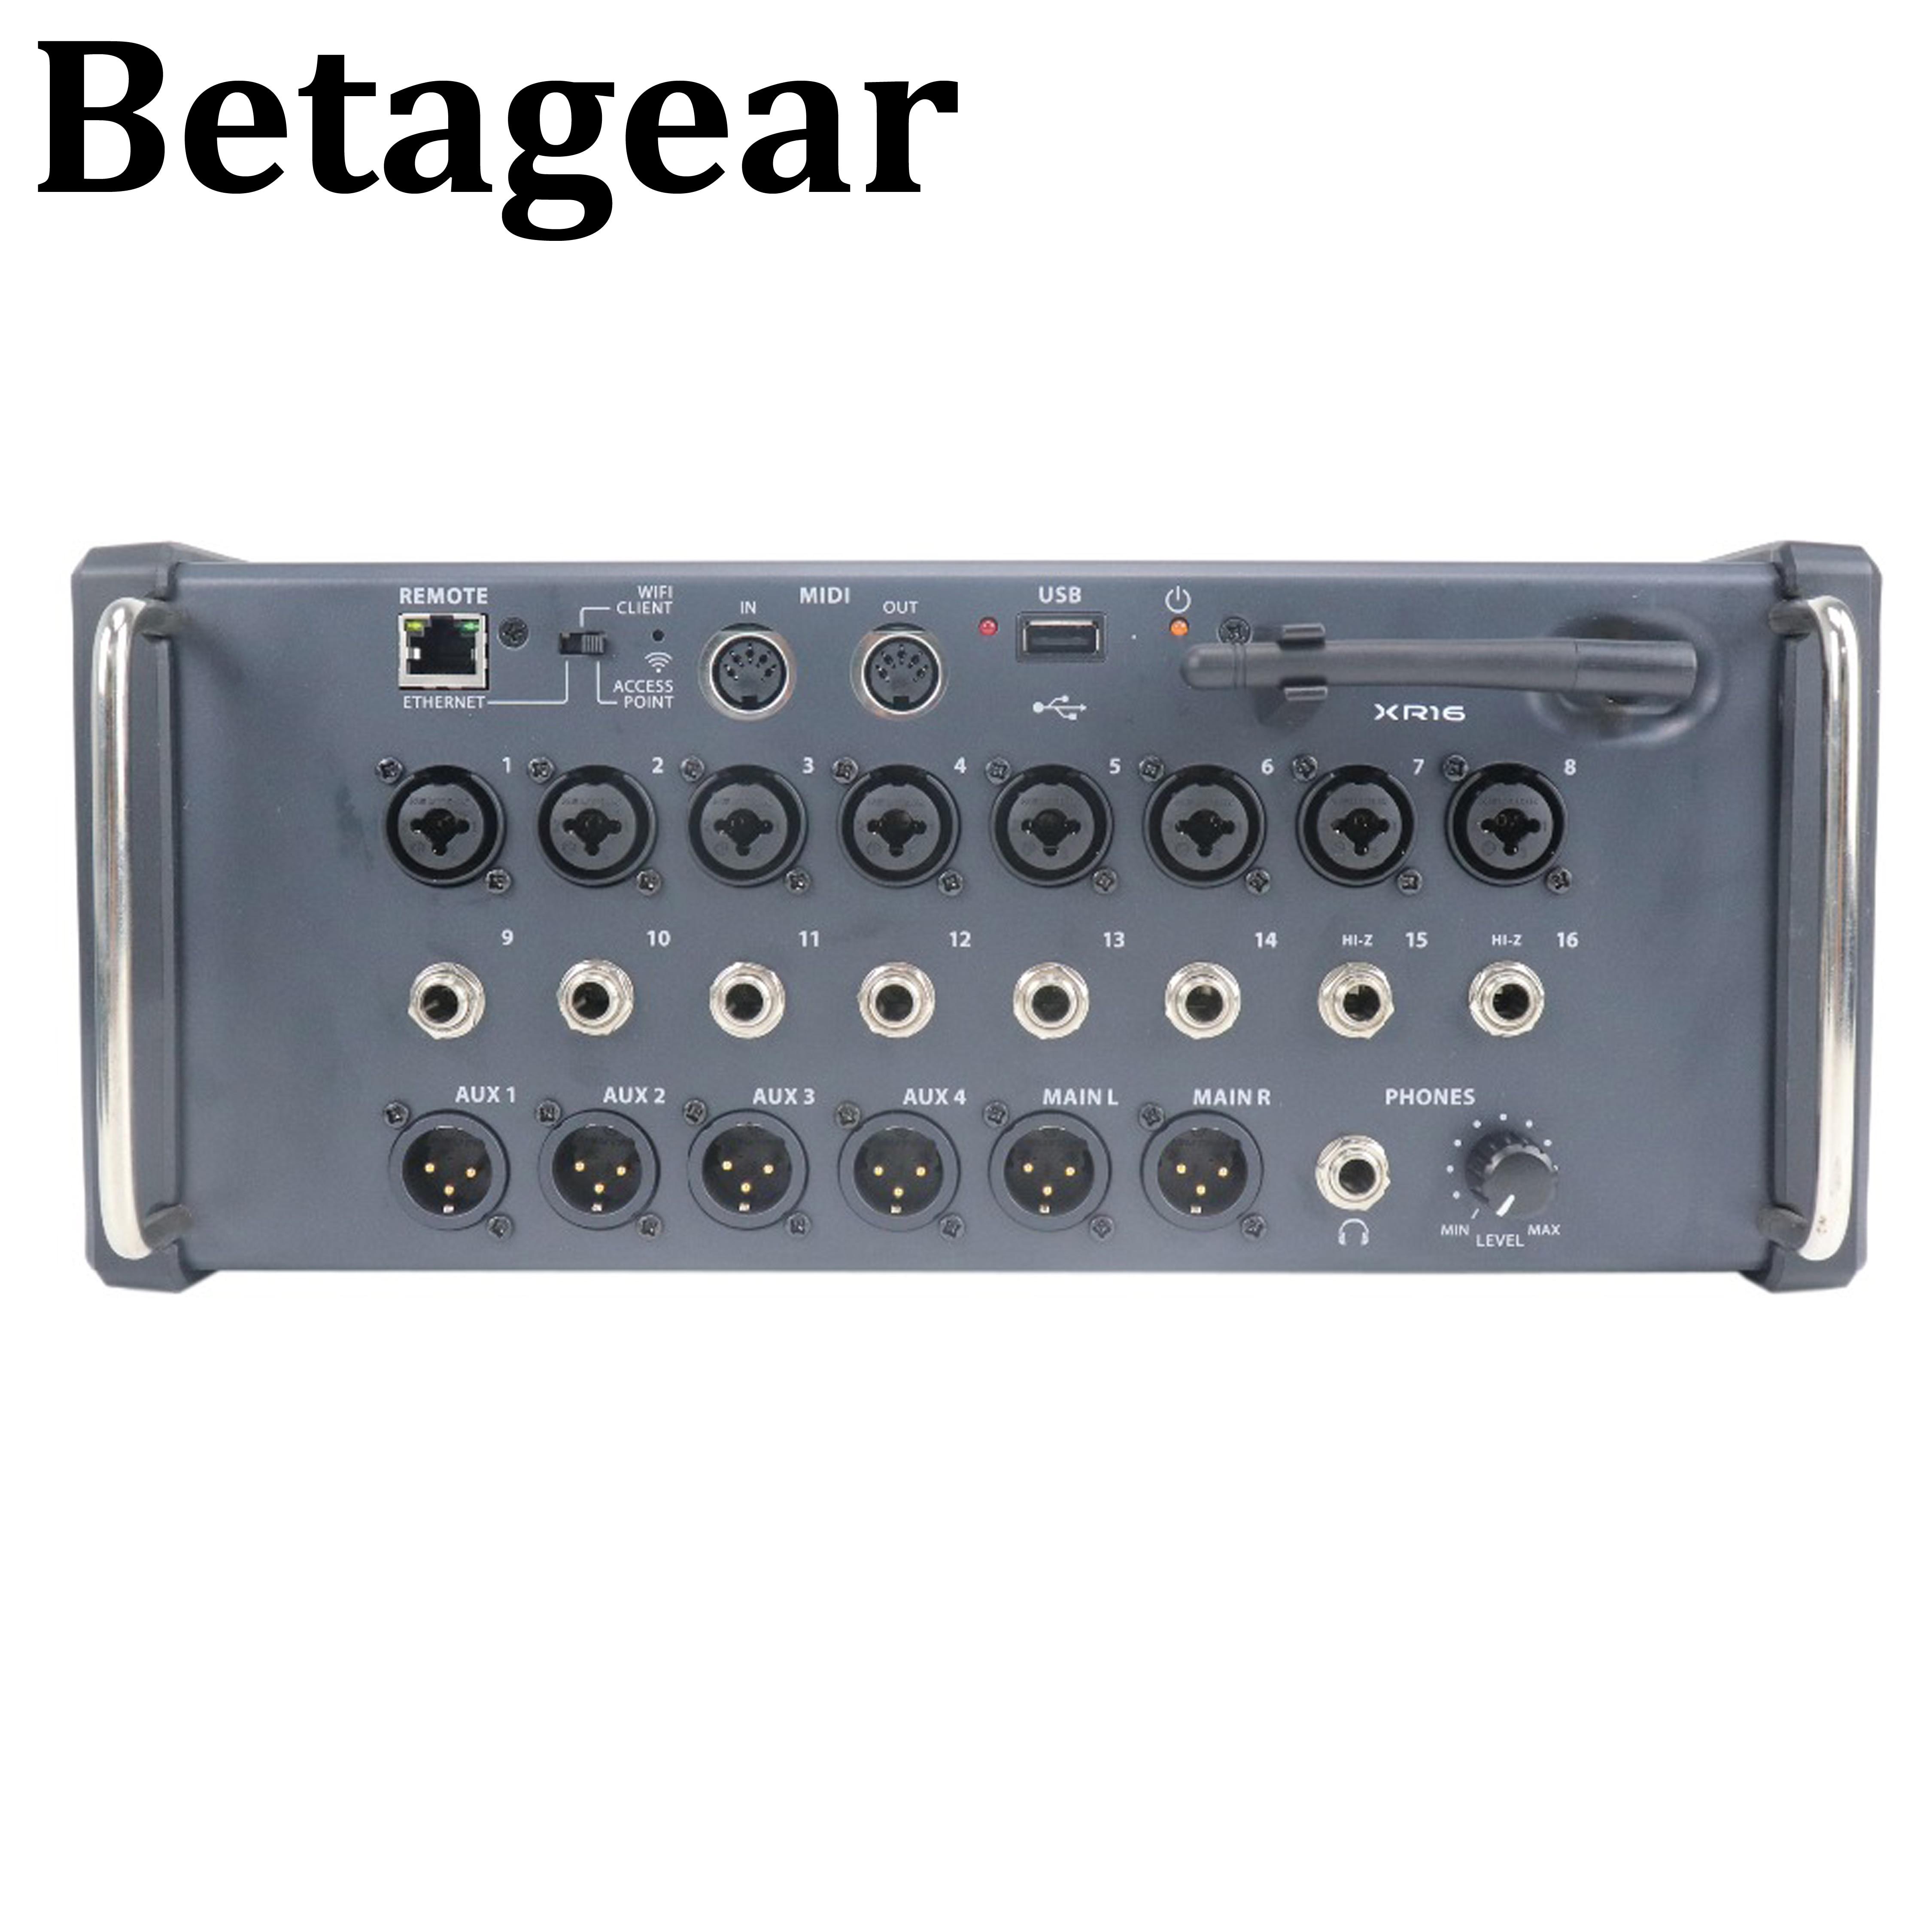 Betagear XR16 table de mixage numérique audio professionnel console de mixage dj Studio Wifi & USB enregistreur stéréo console de mixage